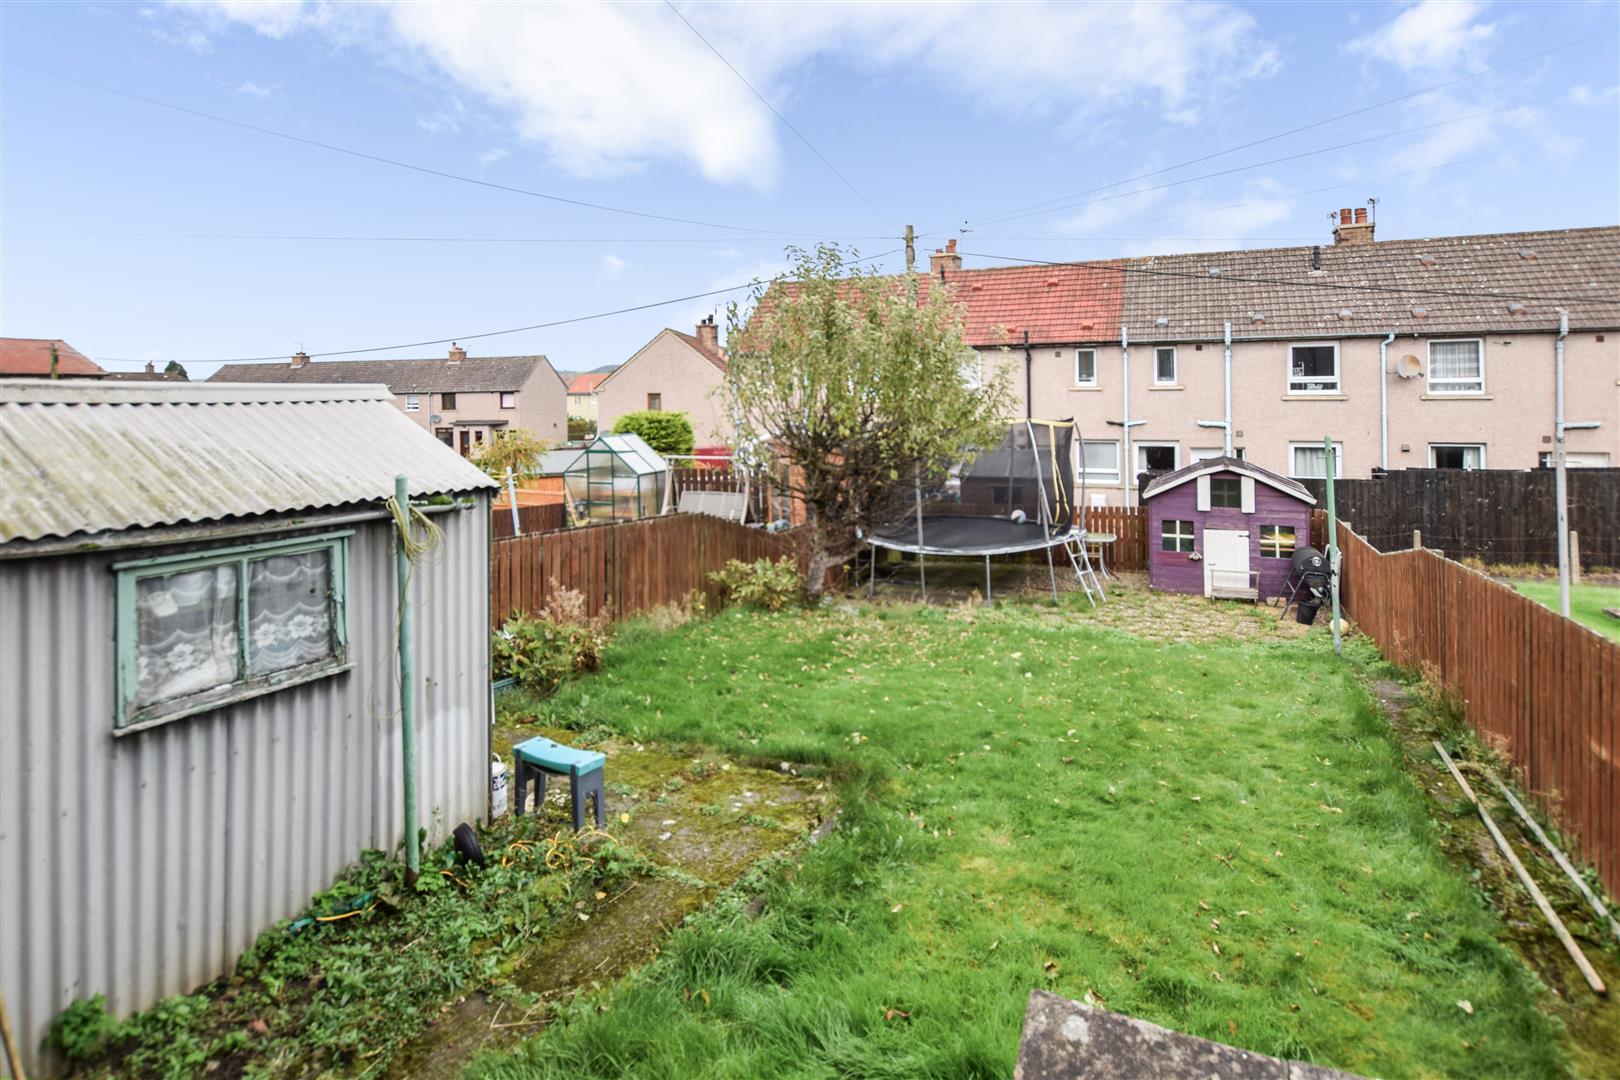 32, Robertson Crescent, Newburgh, KY14 6AW, UK